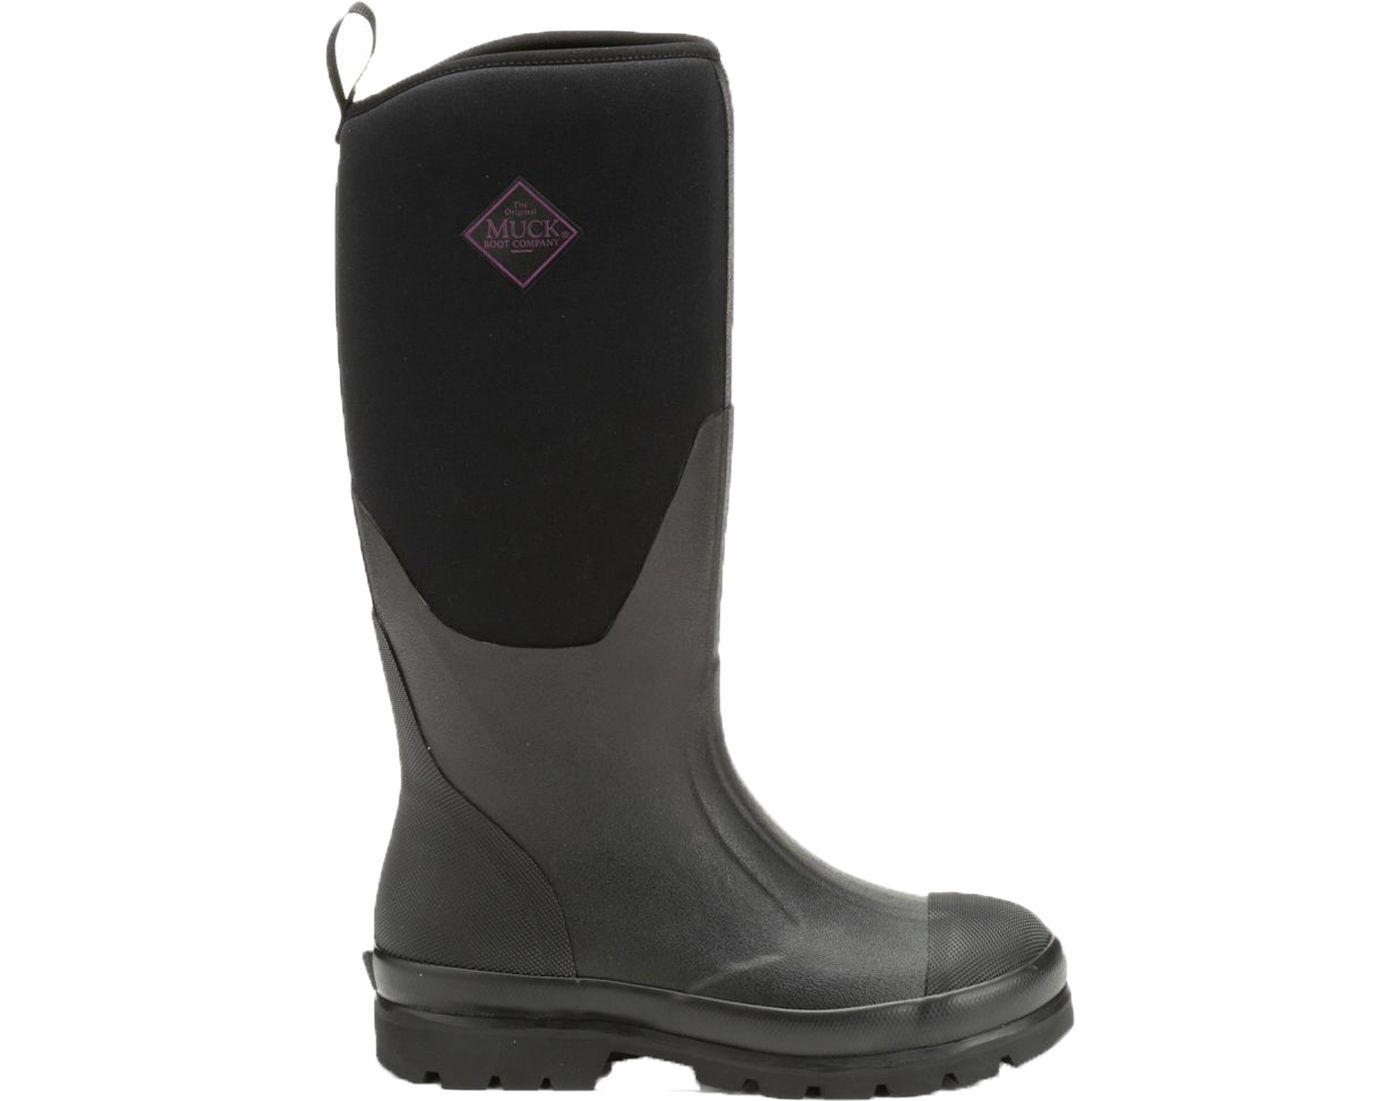 Muck Boots Women's Chore Tall Waterproof Work Boots